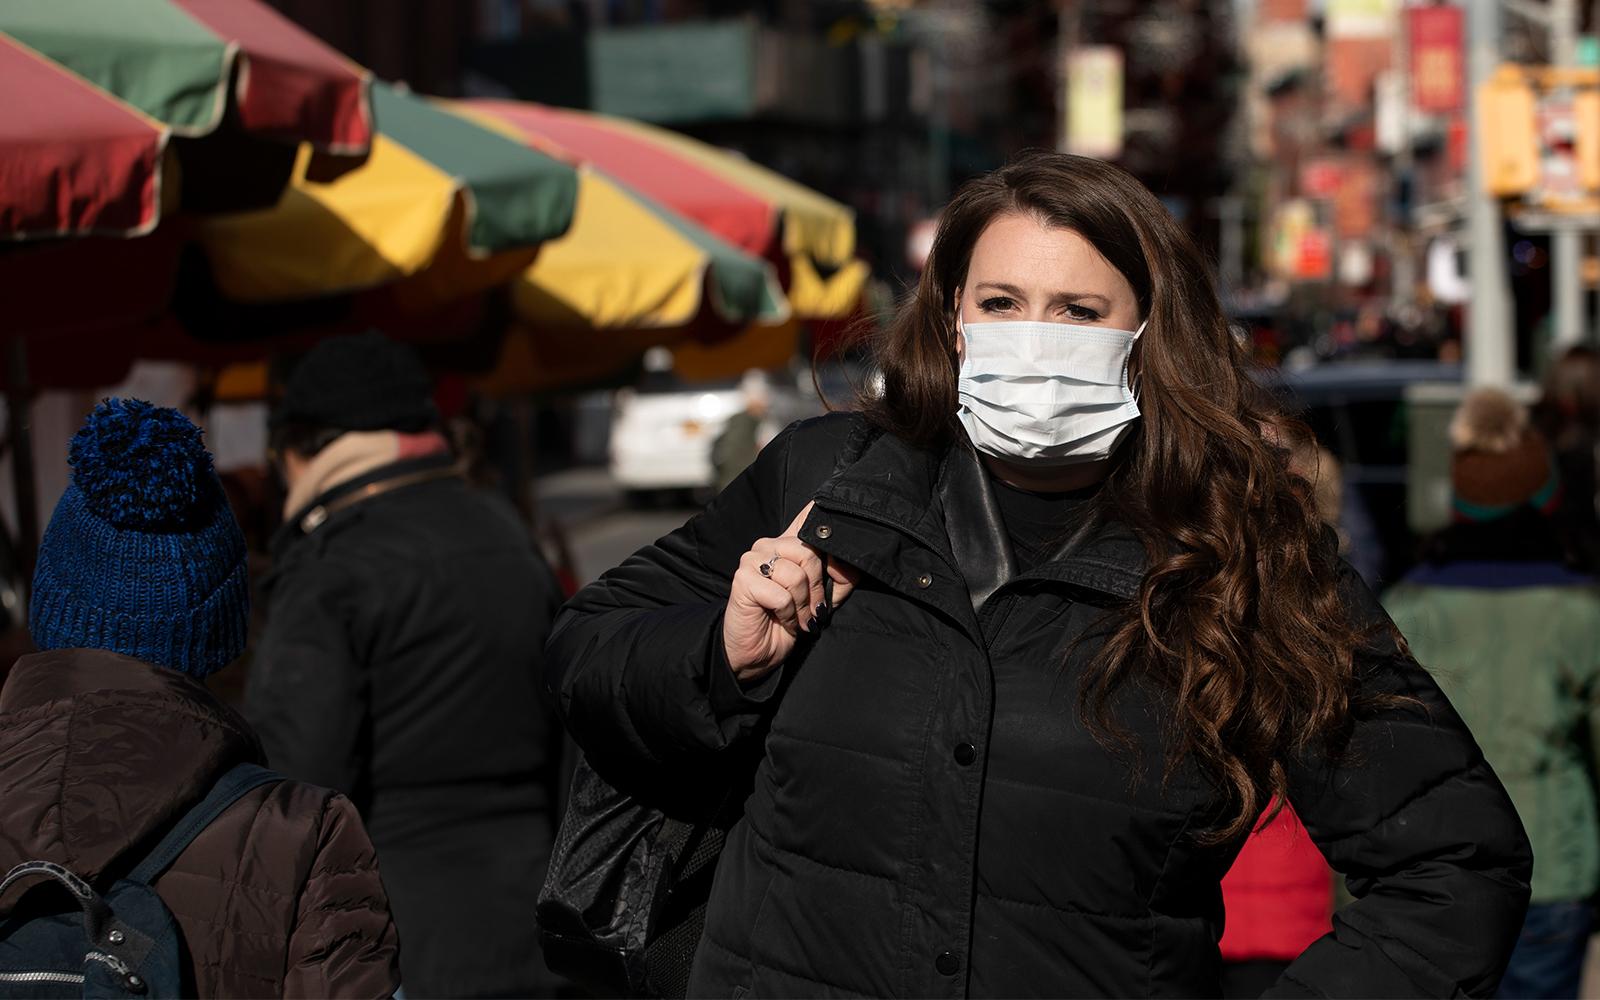 masque pour le coronavirus